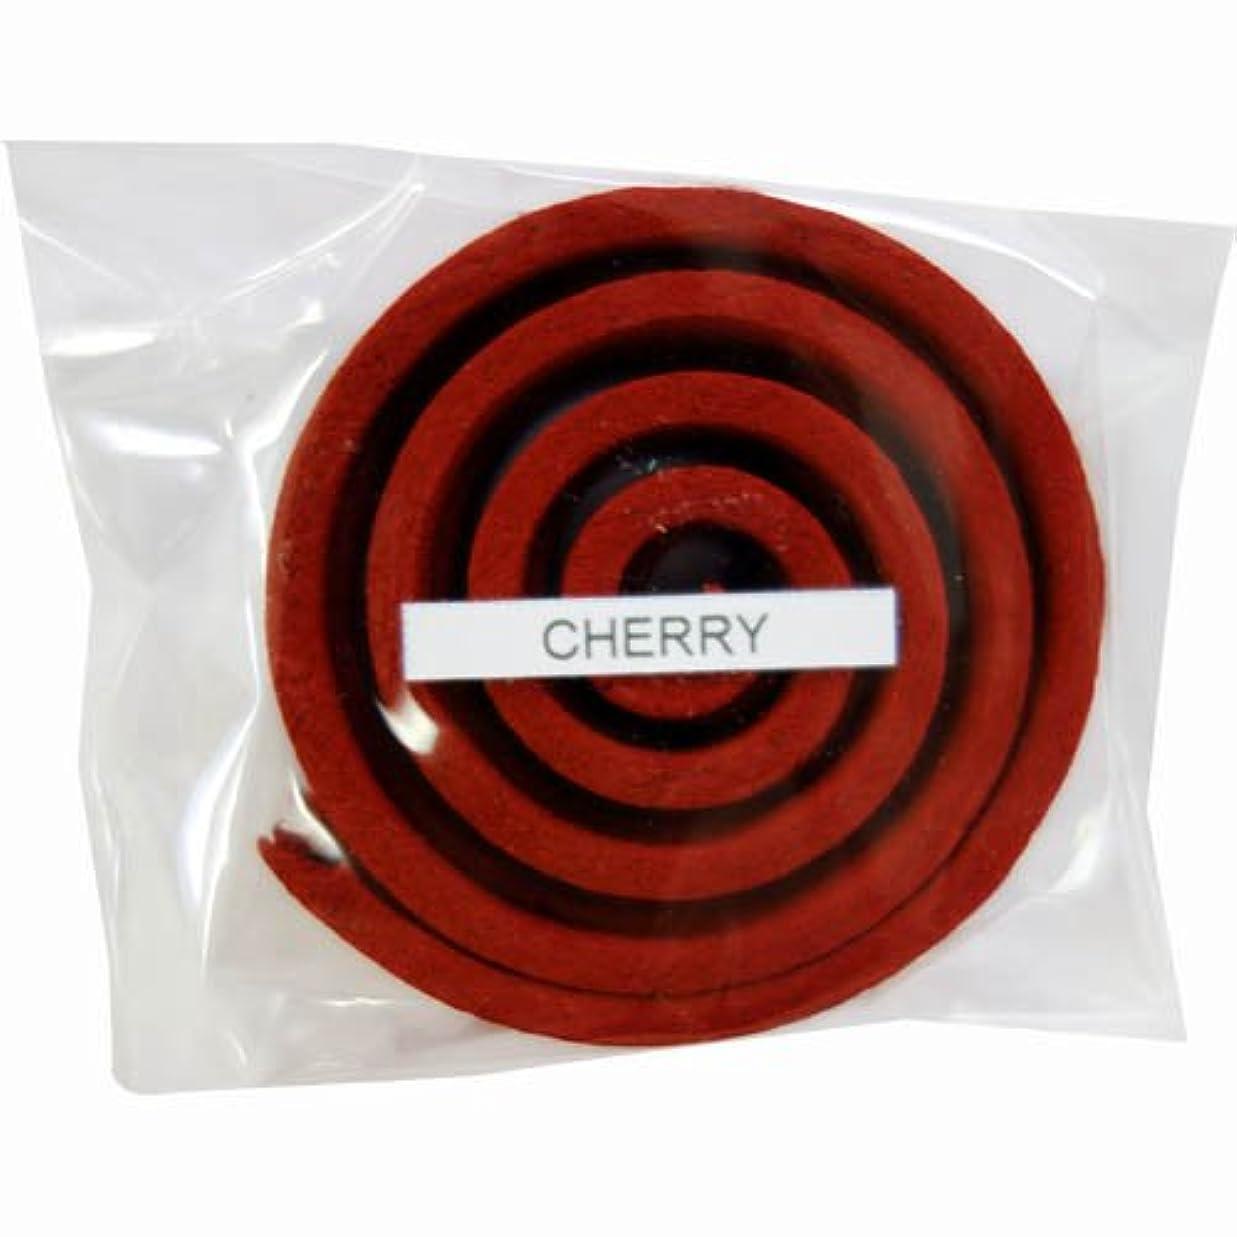 きちんとした極地役に立つお香/うずまき香 CHERRY チェリー 直径5cm×5巻セット [並行輸入品]